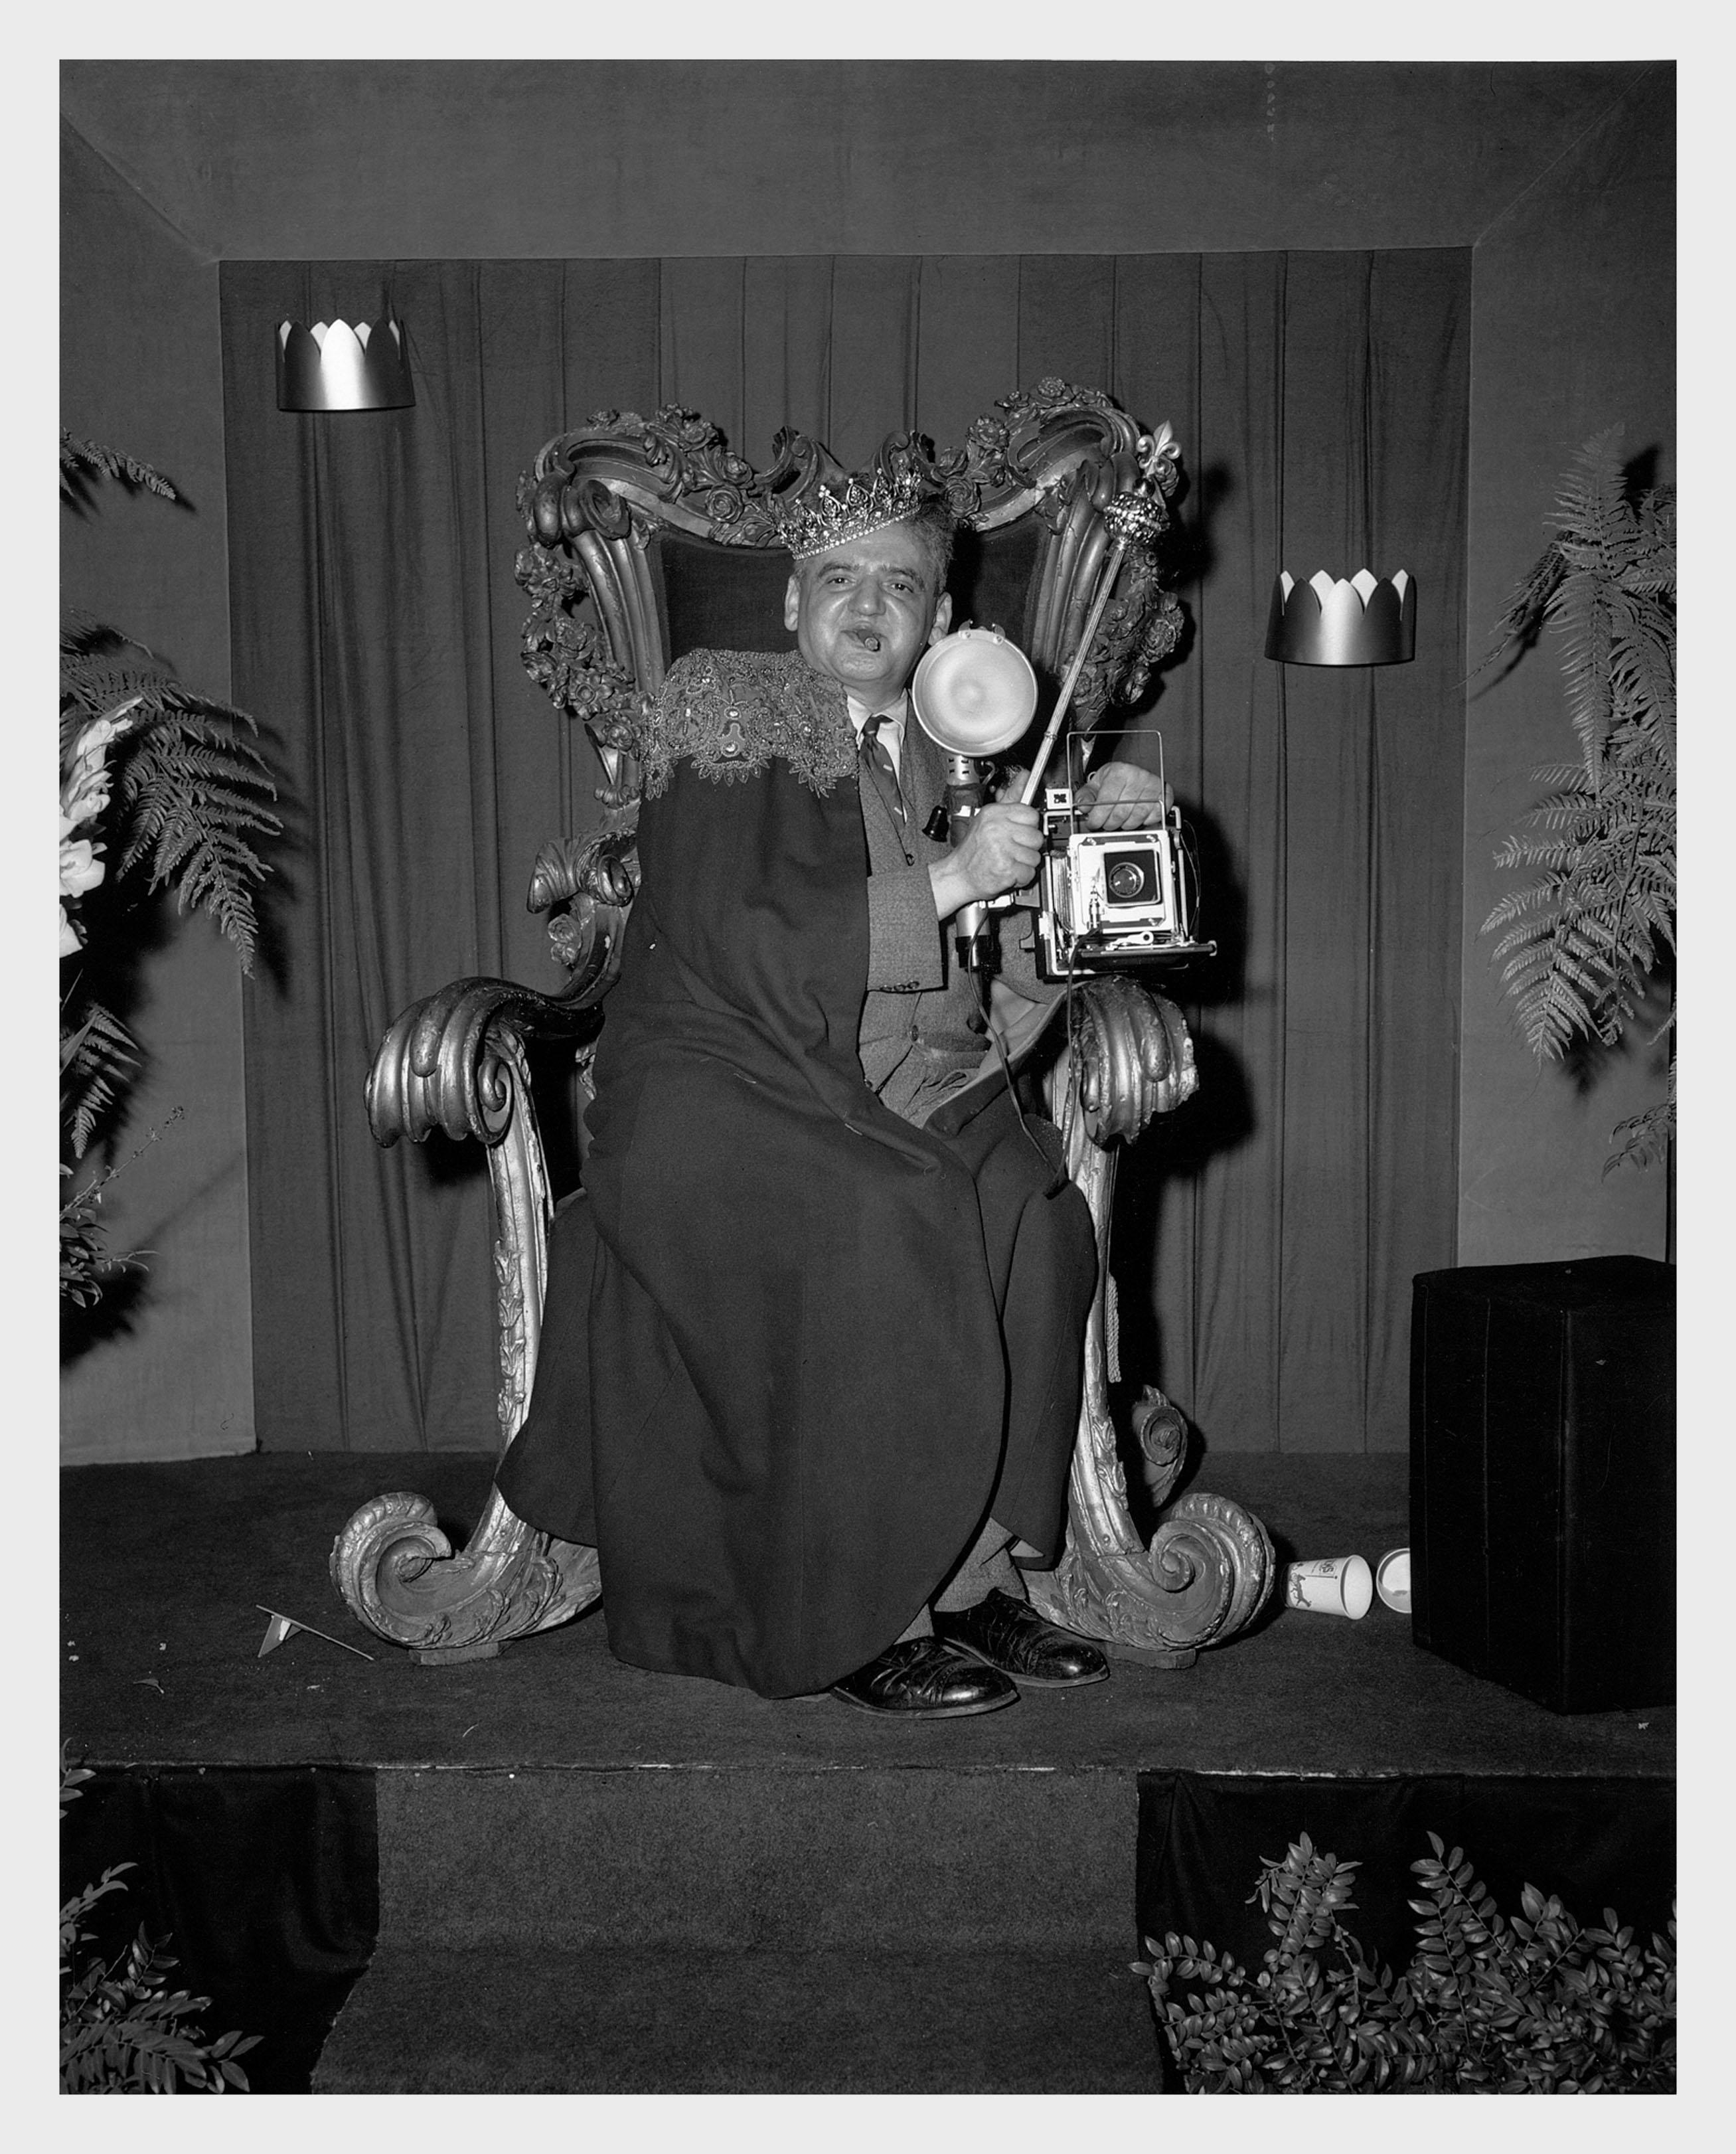 Fotó: Ismeretlen fotográfus: Weegee portréja, 1956 © Courtesy Institute for Cultural Exchange, Germany 2018